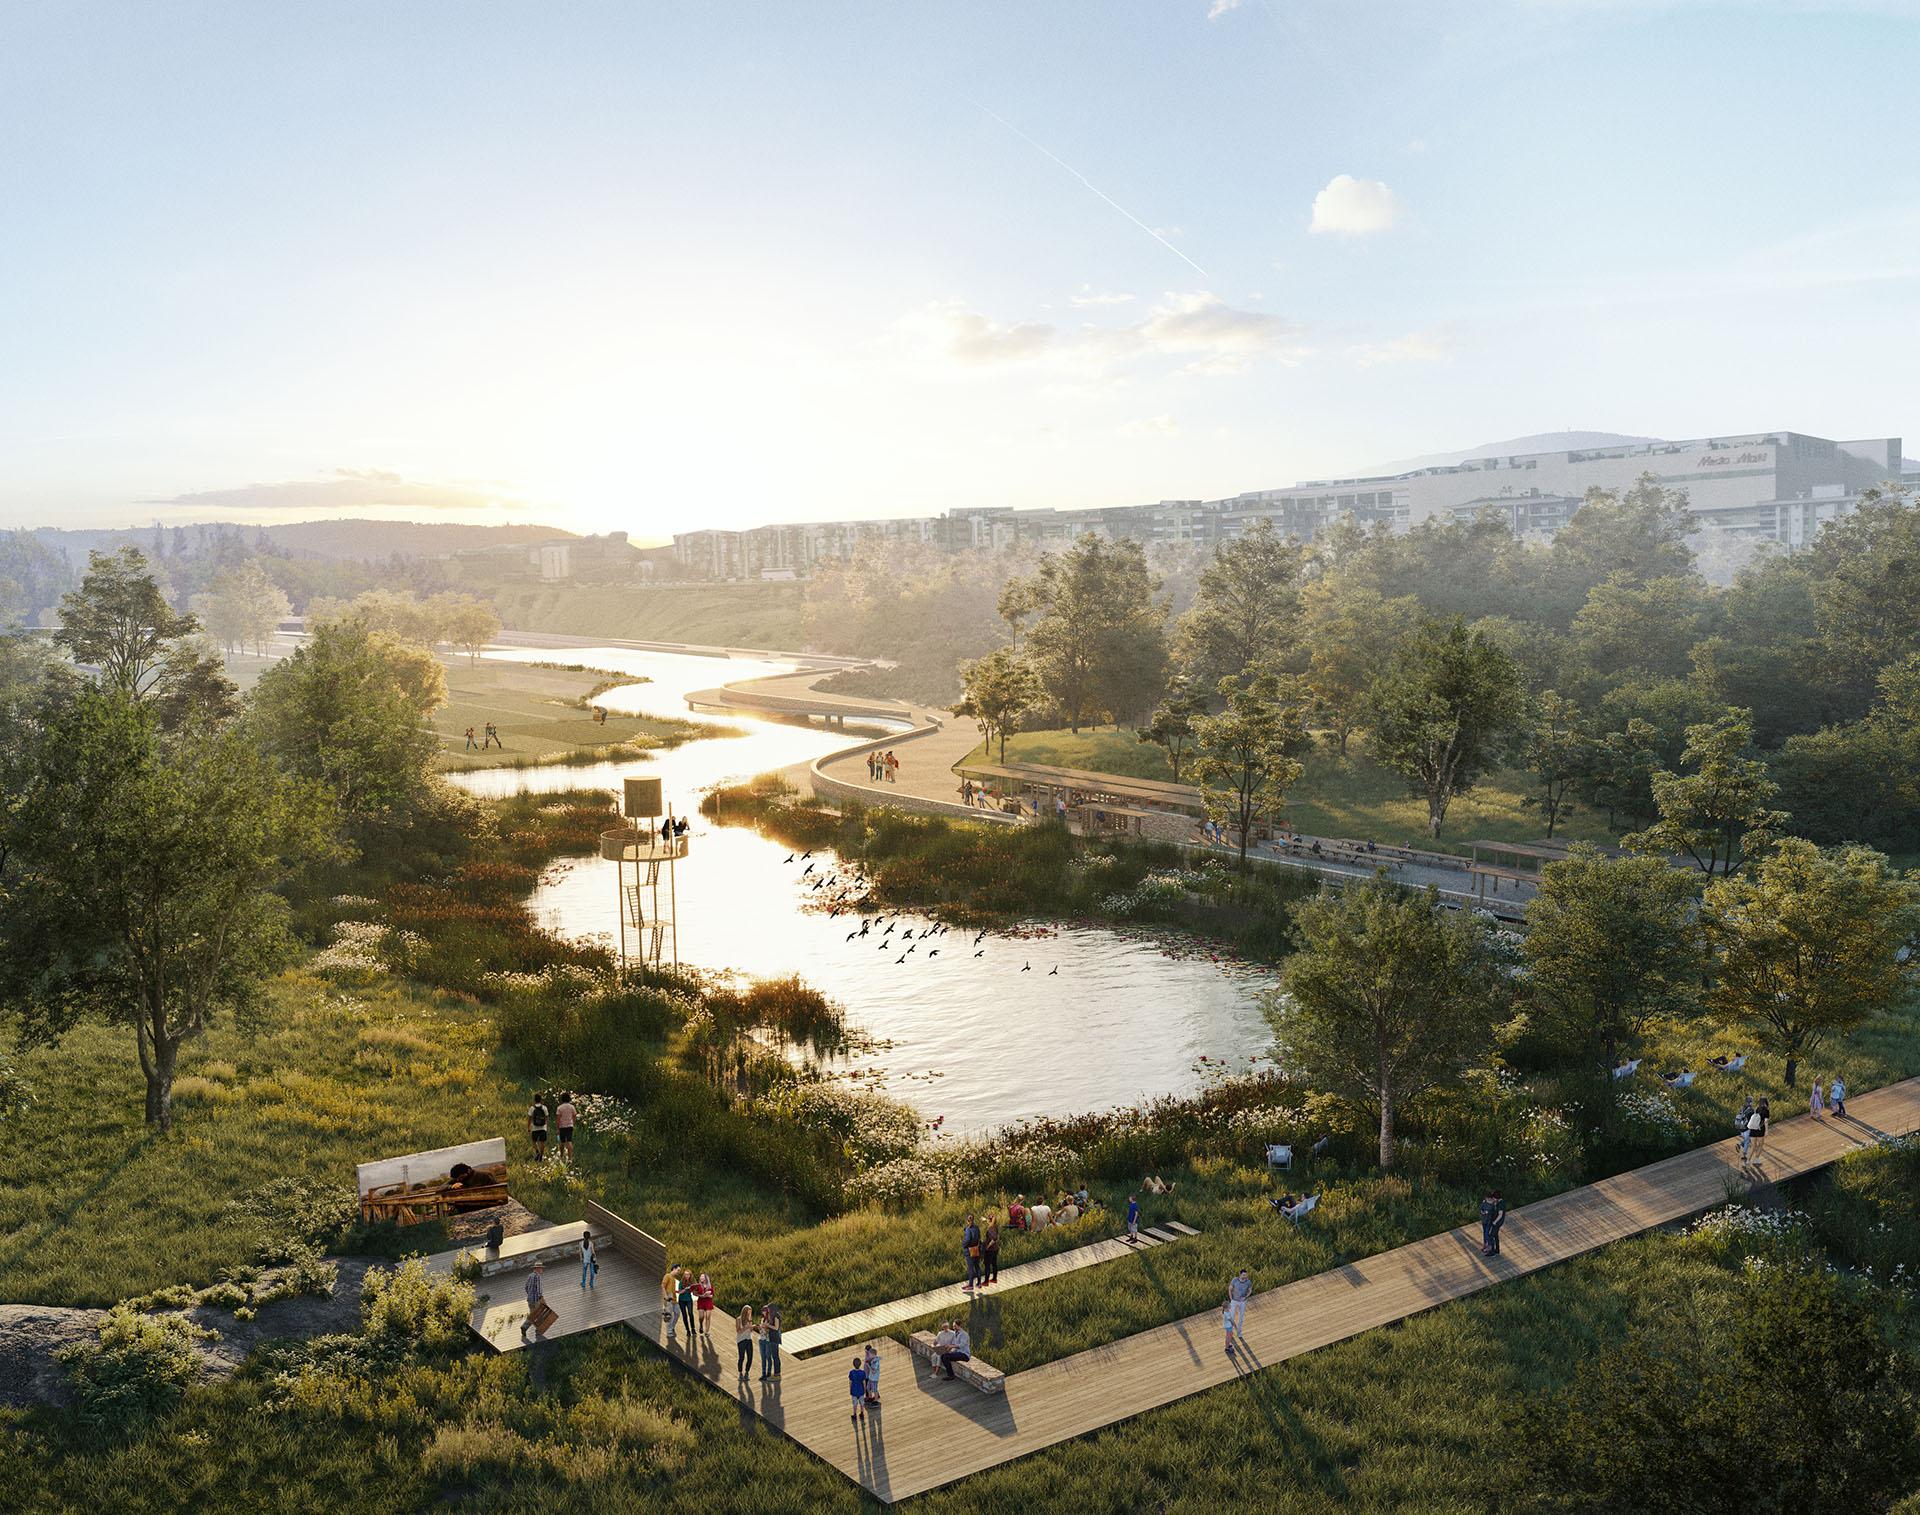 Meles Riverfront